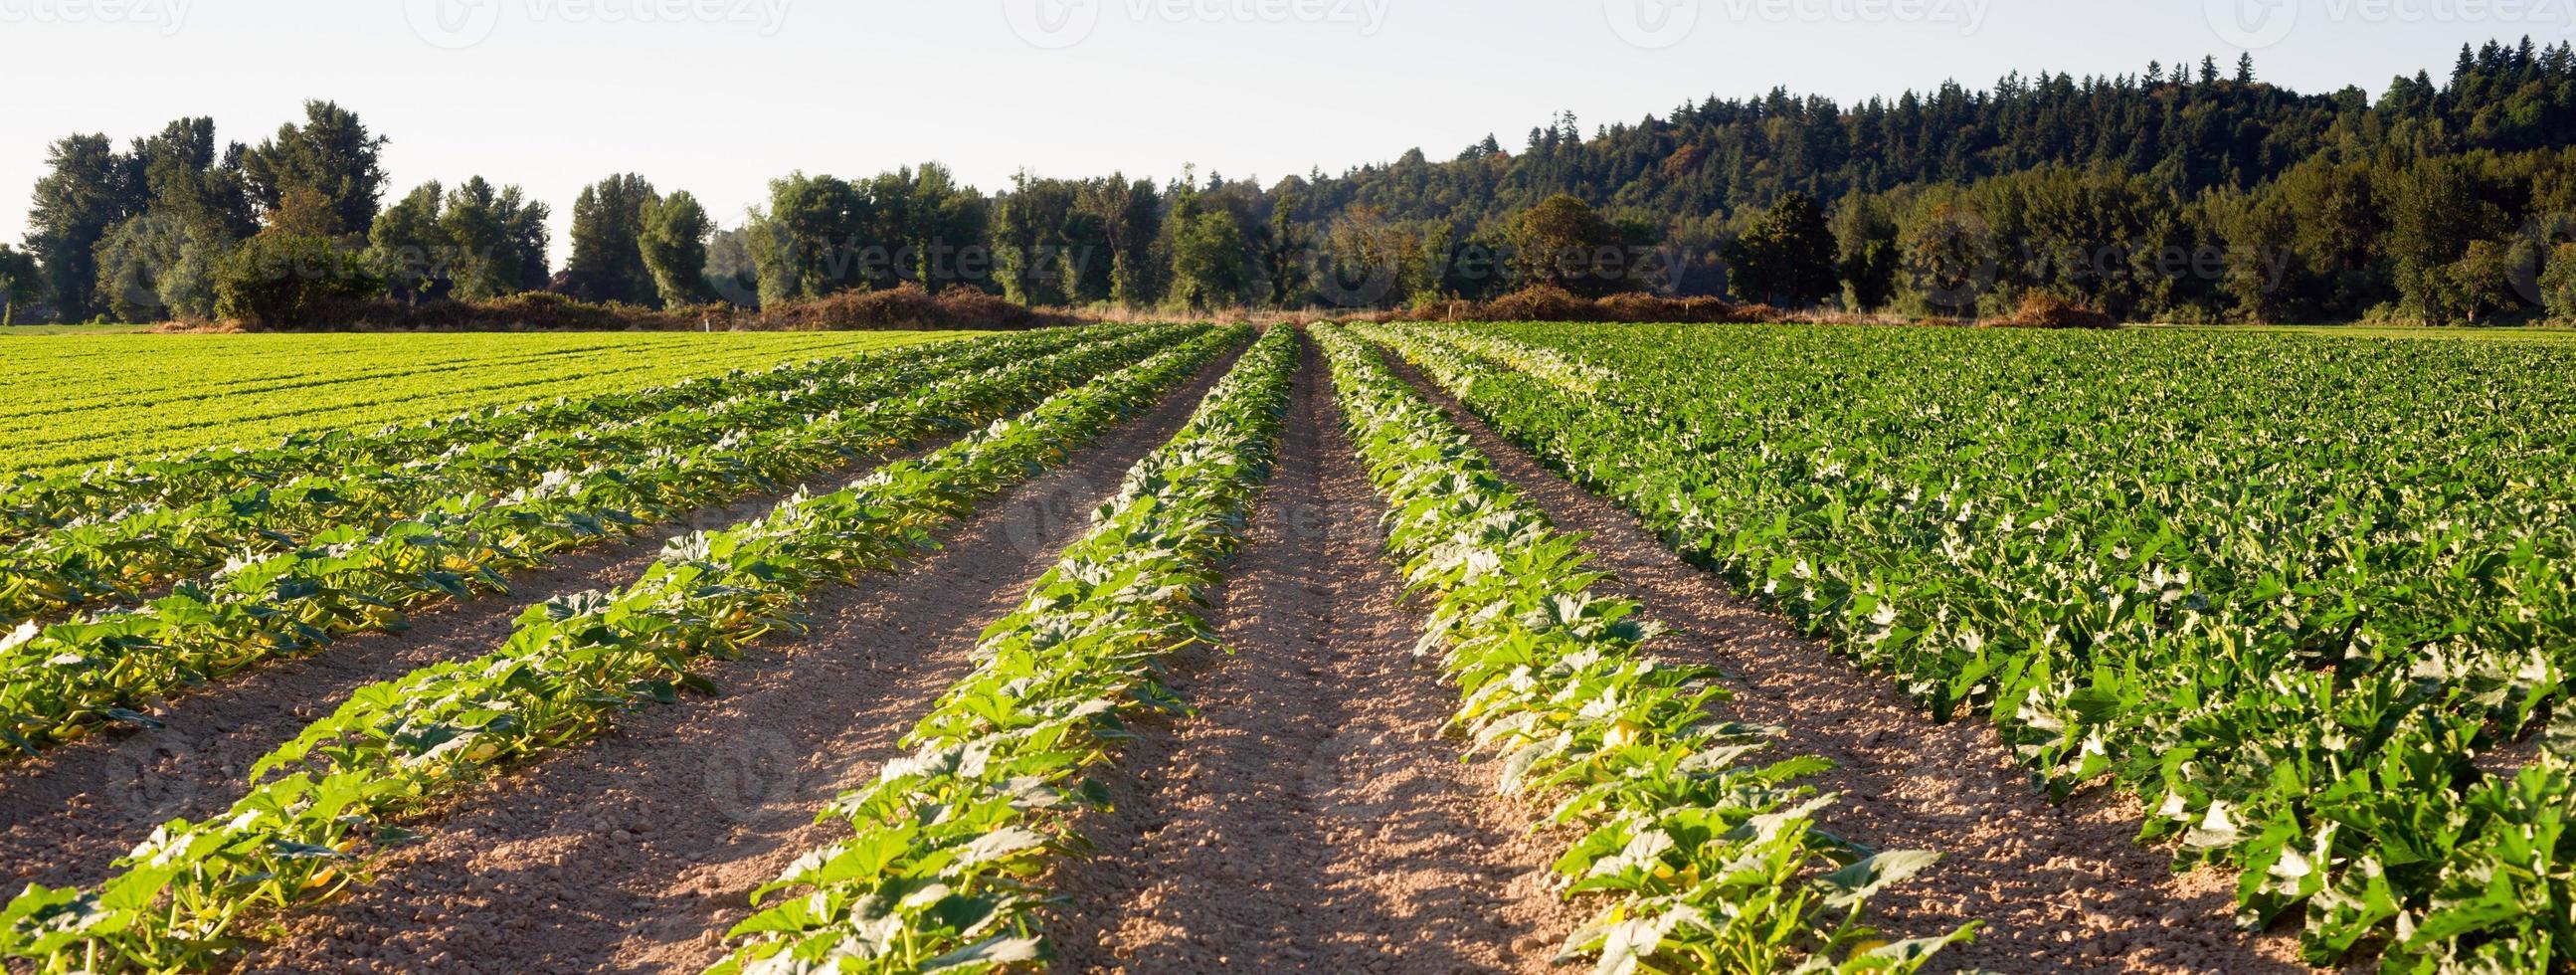 planterade rader ört gård jordbruksfält växt grödan foto